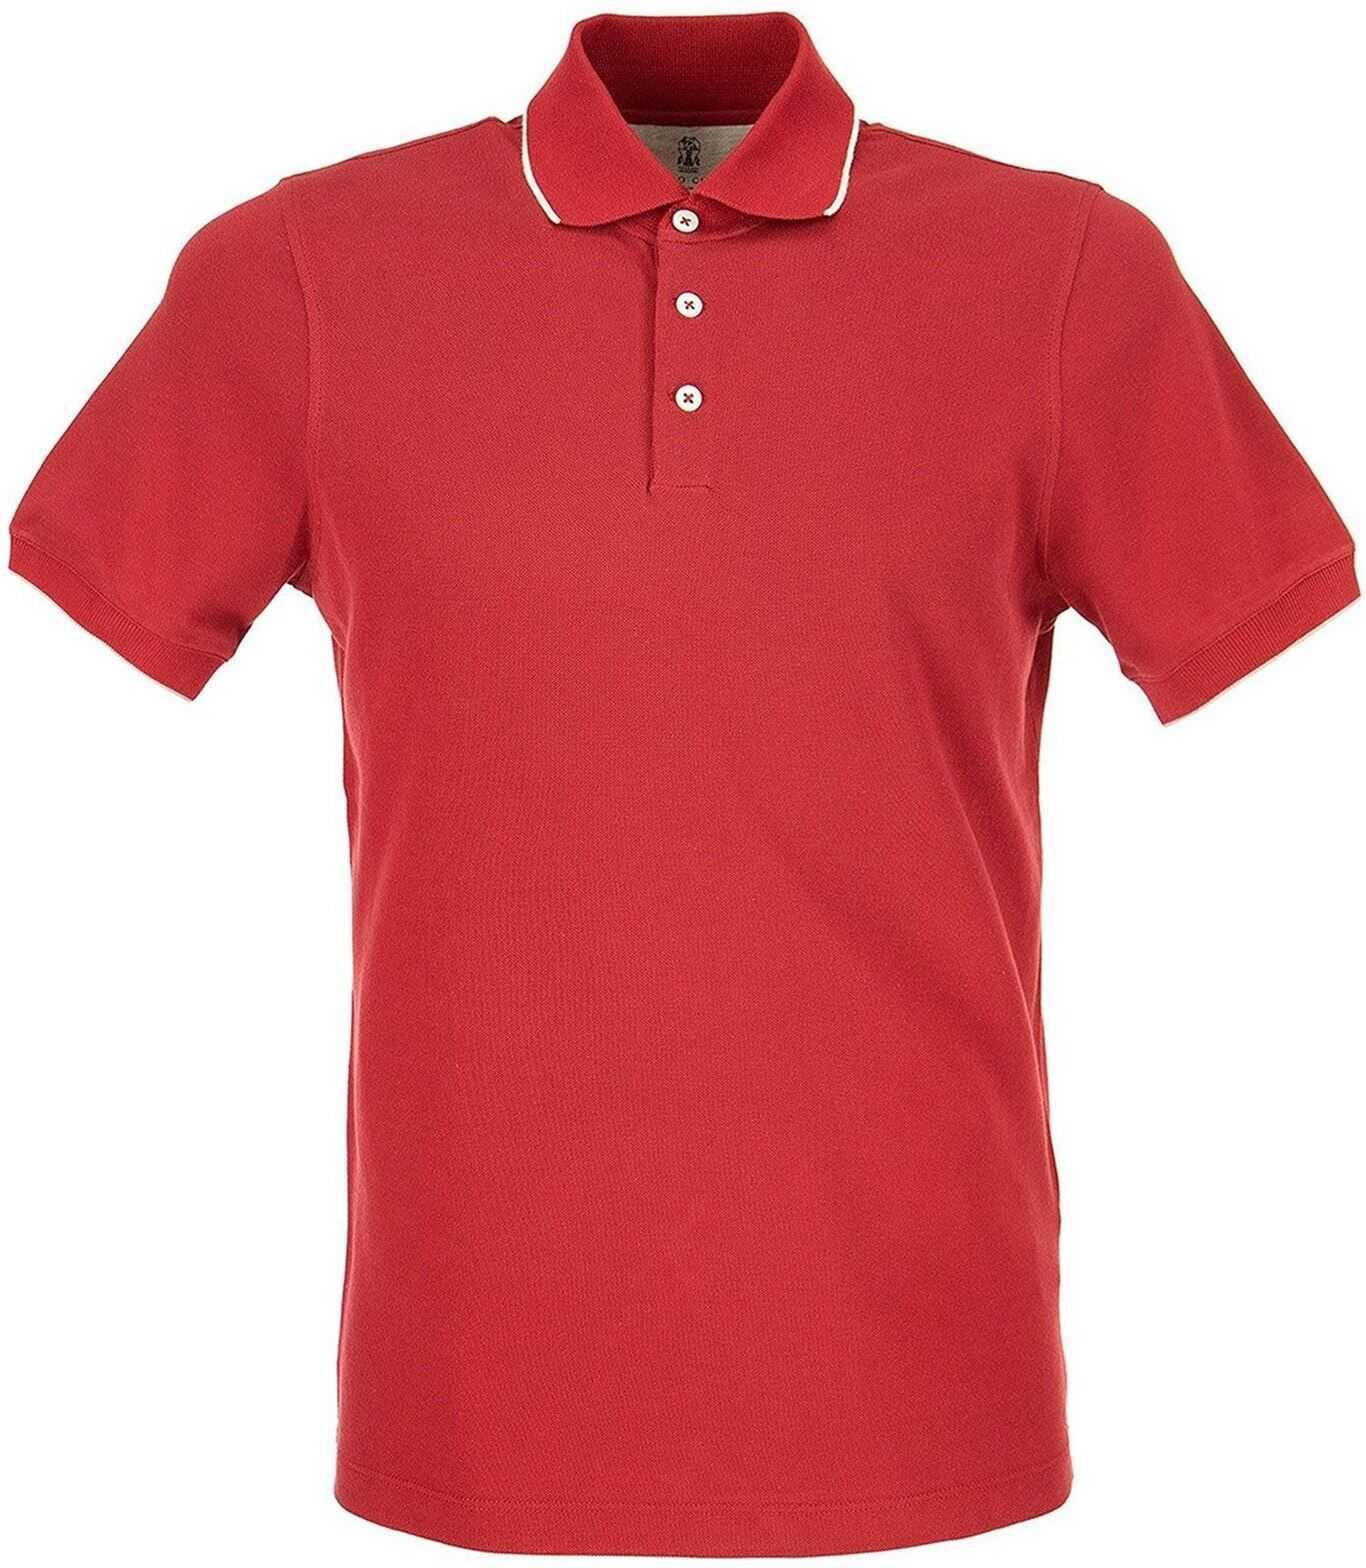 Brunello Cucinelli Cotton Polo In Red Red imagine